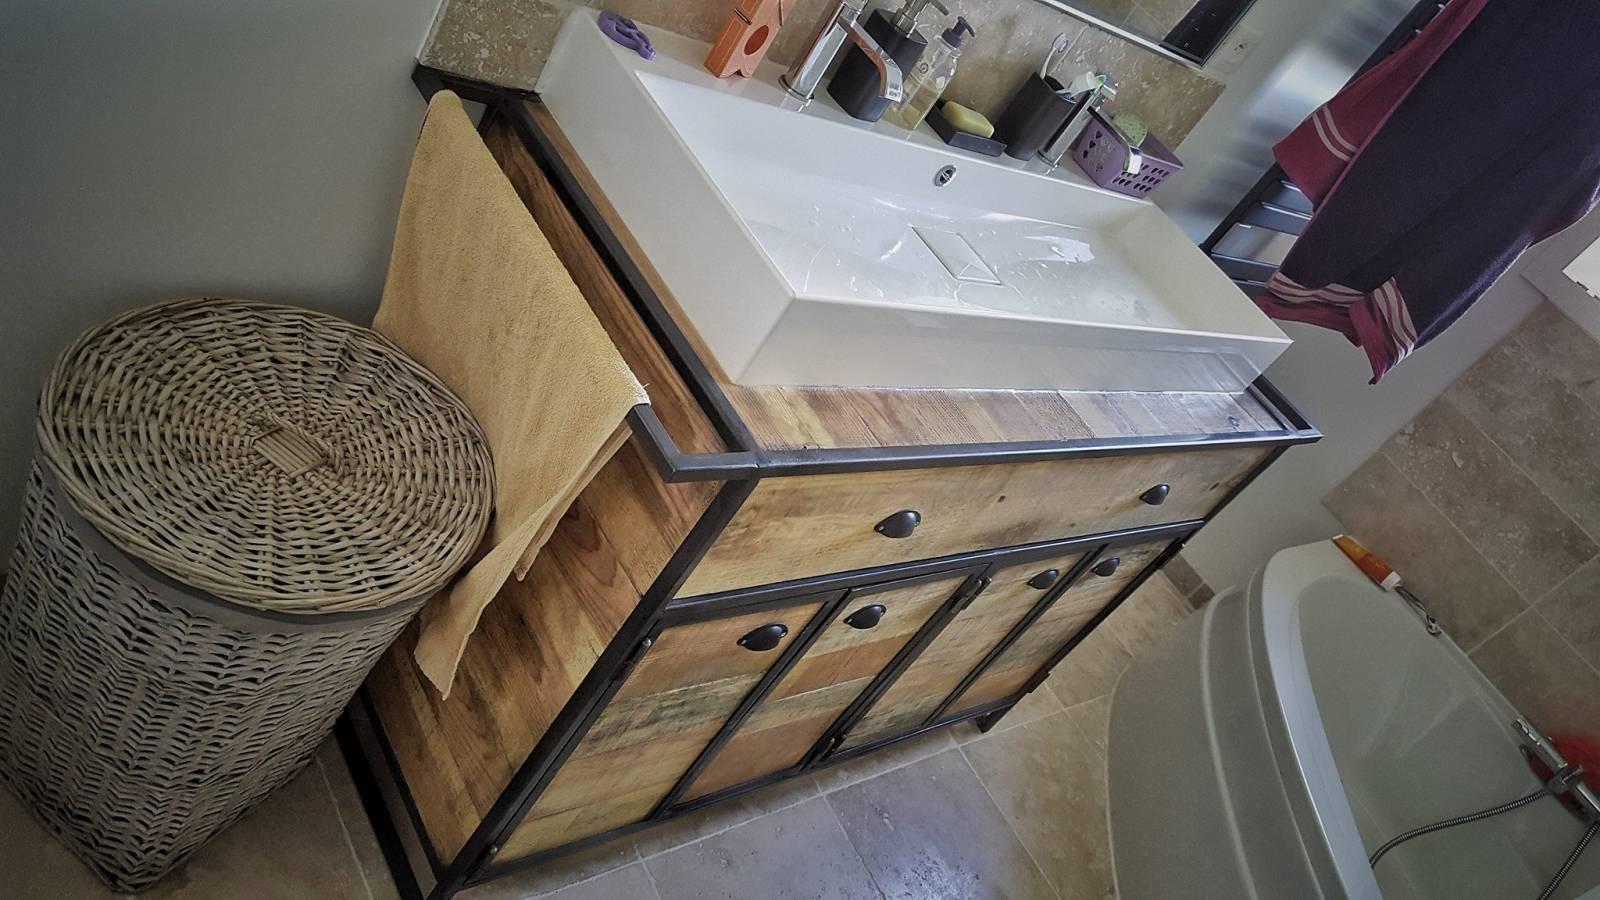 Creation De Meuble Sous Vasque En Acier Et Bois Sur Mesure Fabrication De Mobilier Bois Et Metal En Gironde Flowroomdesign